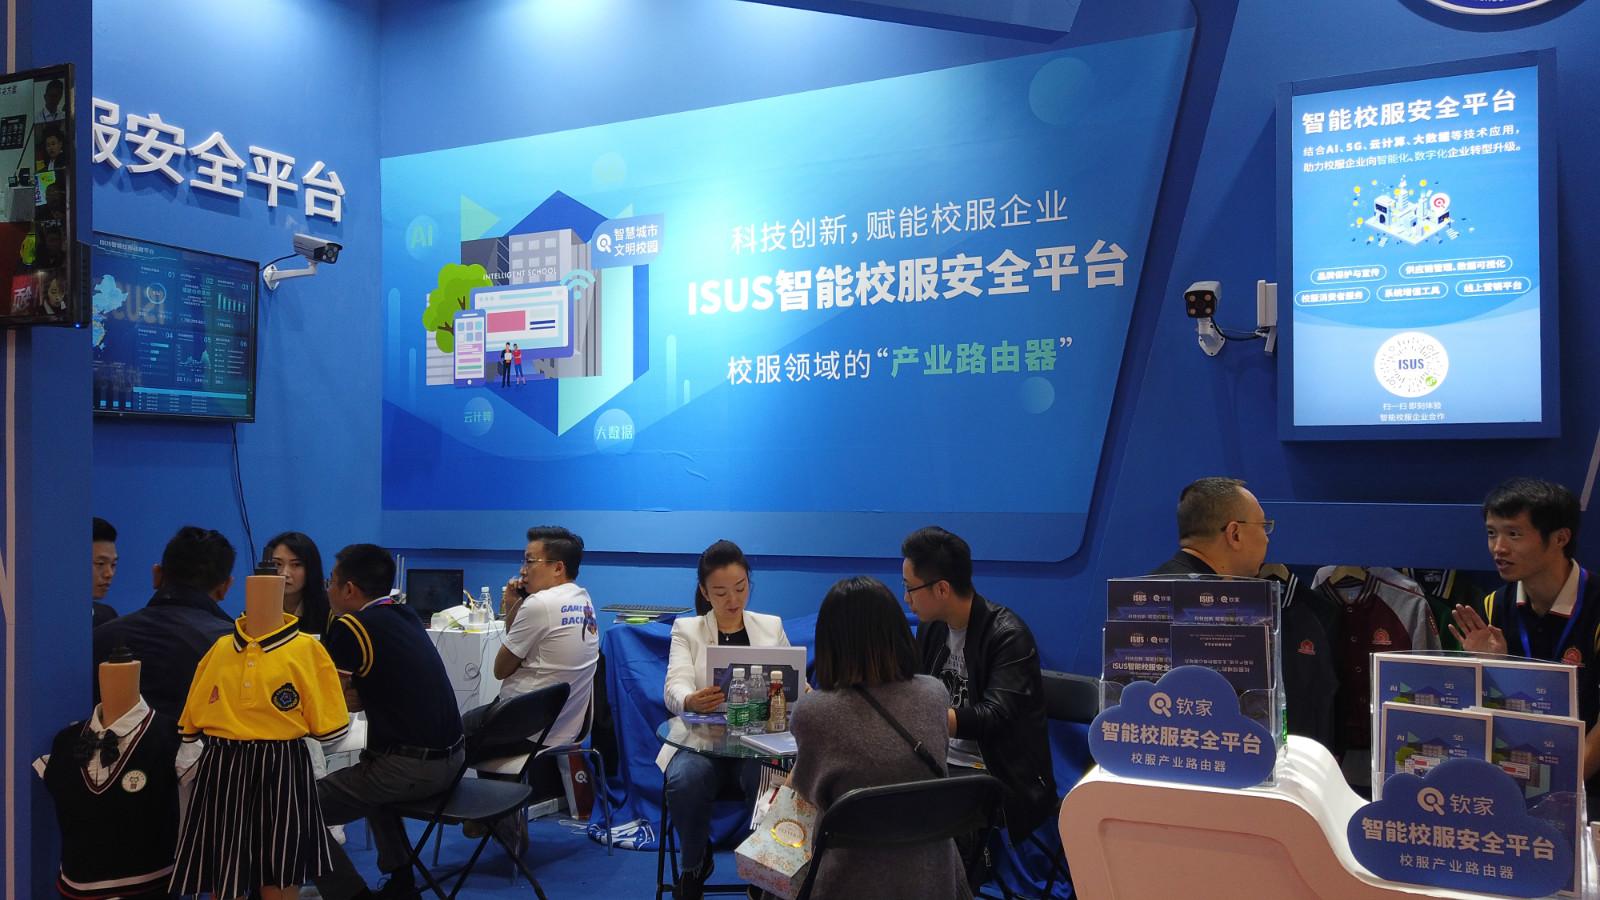 焦点 2019北京国际校服园服展顺利举办,钦家智能校服得到教育界领导赞赏认可